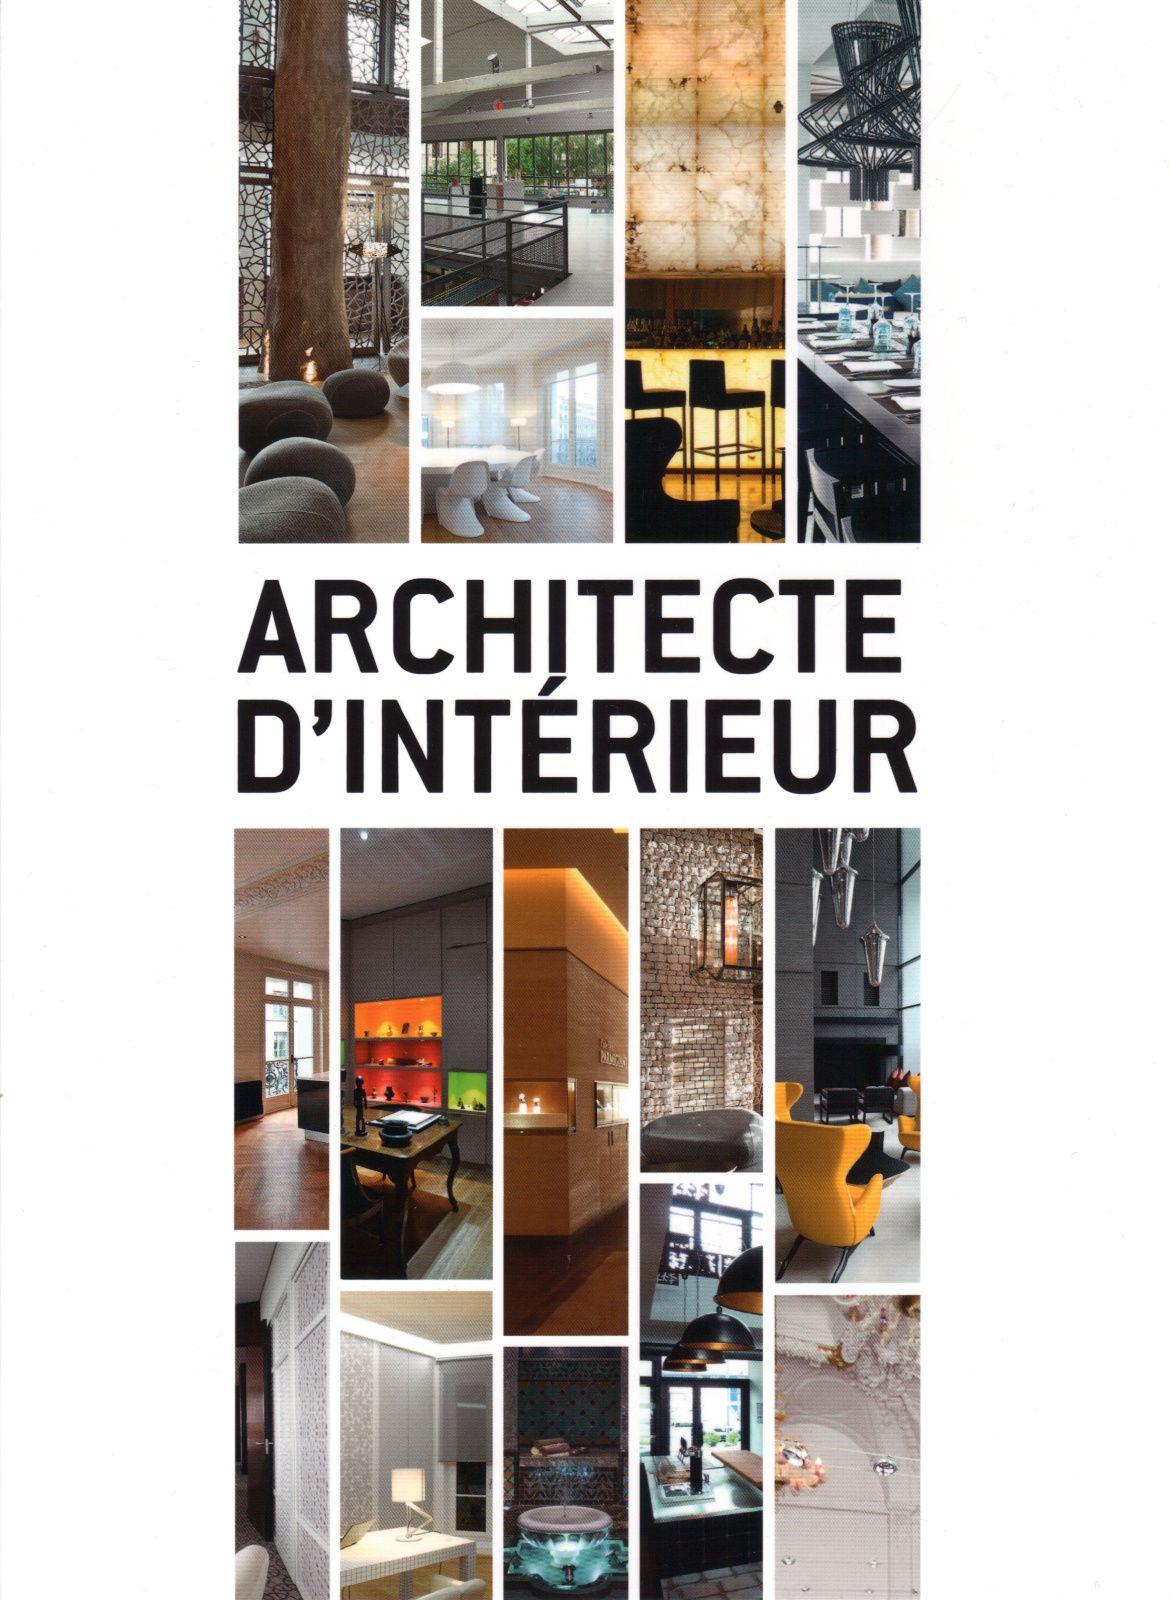 Architecte D Intérieur Cfai qu'est-ce qu'un architecte d'intérieur? suite et fin